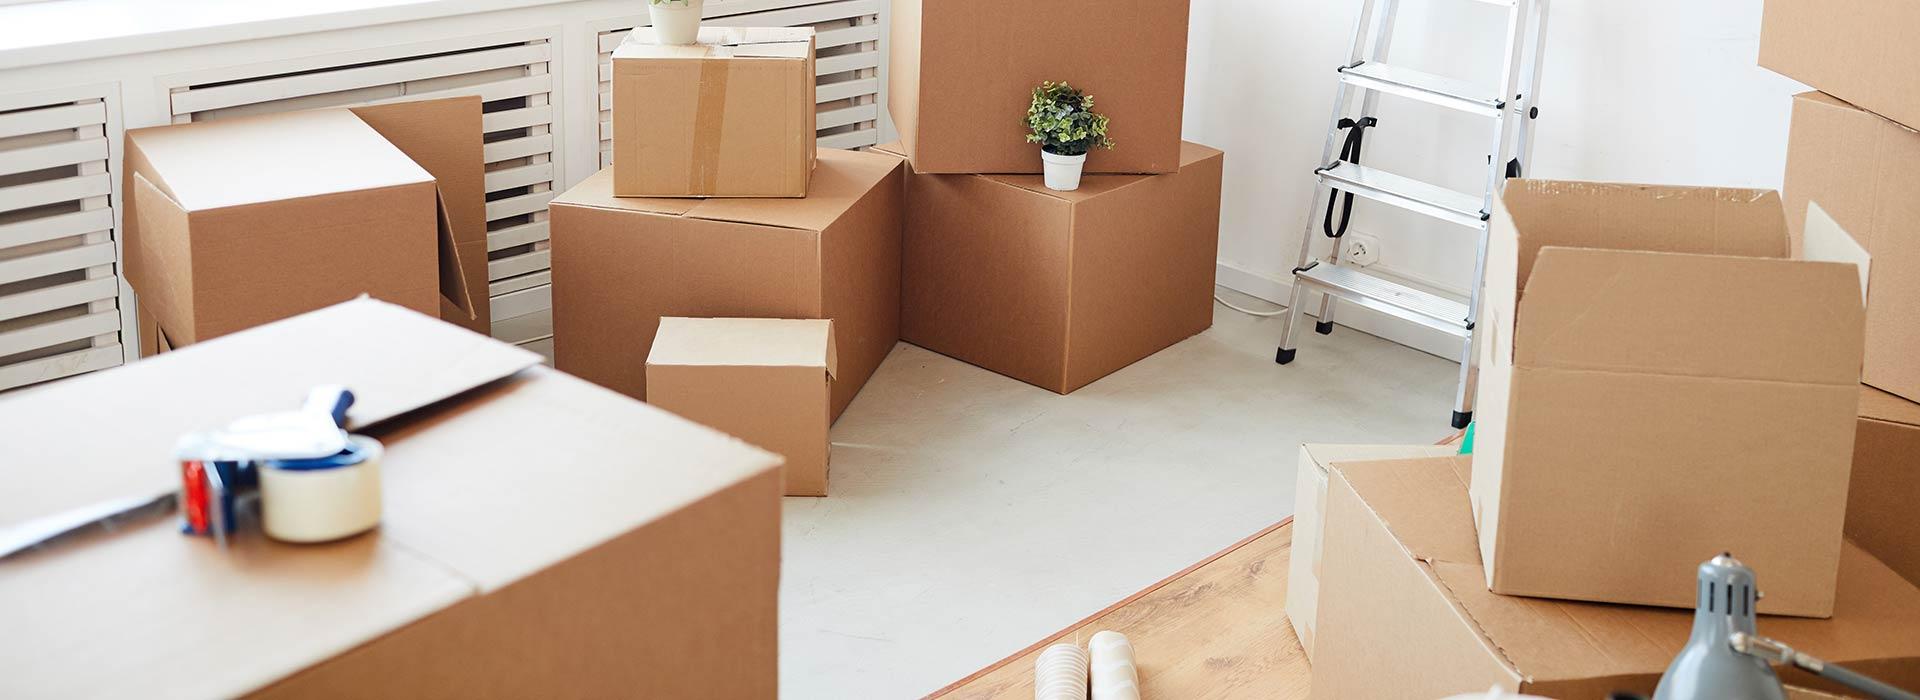 Segítünk a költözésben, hívjon bizalommal